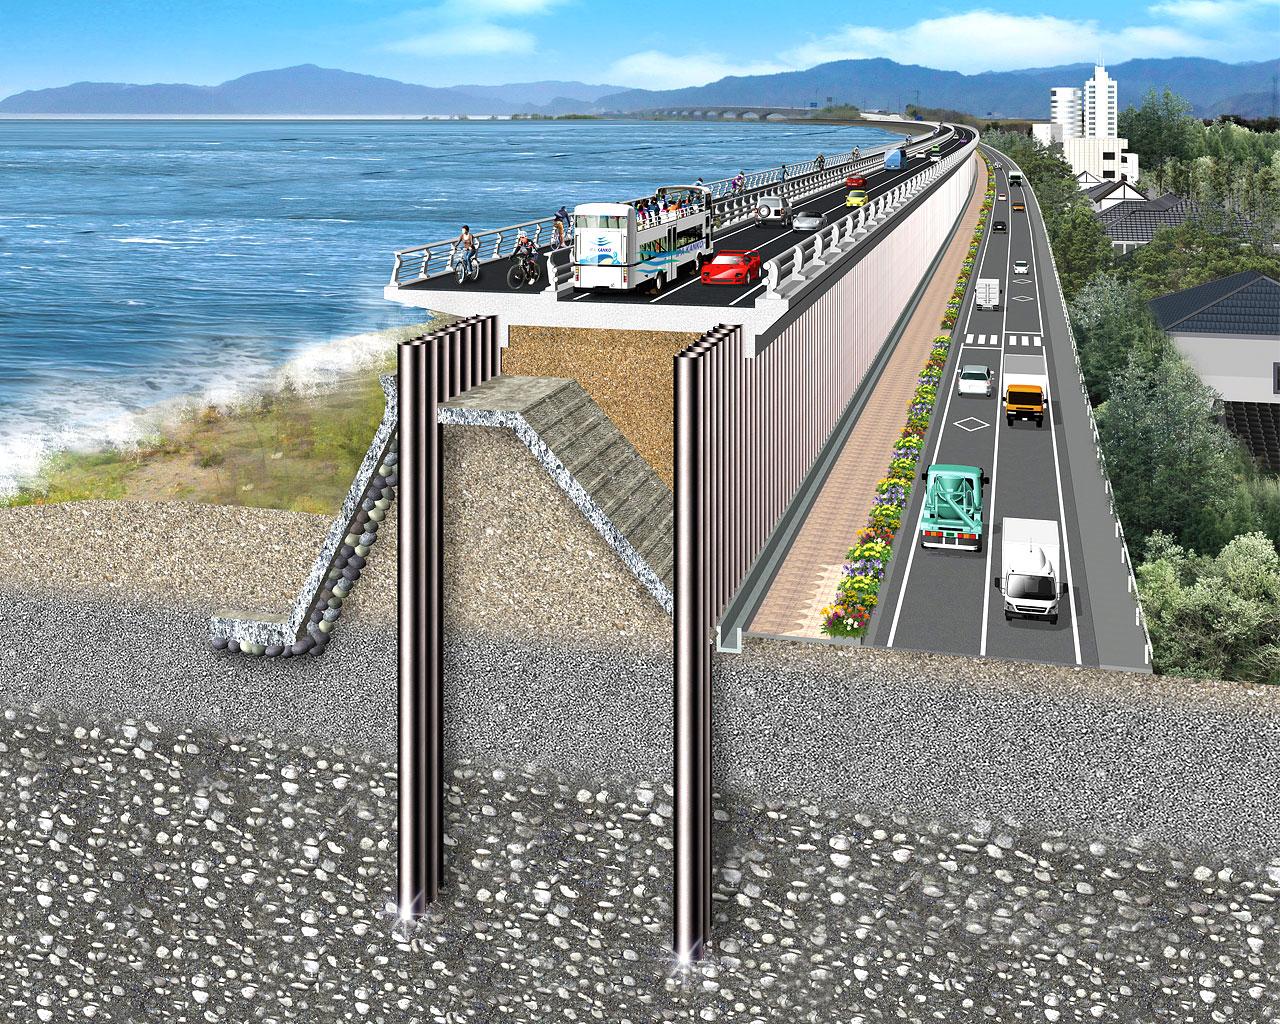 高潮・高波対策「インプラント堤防」 2